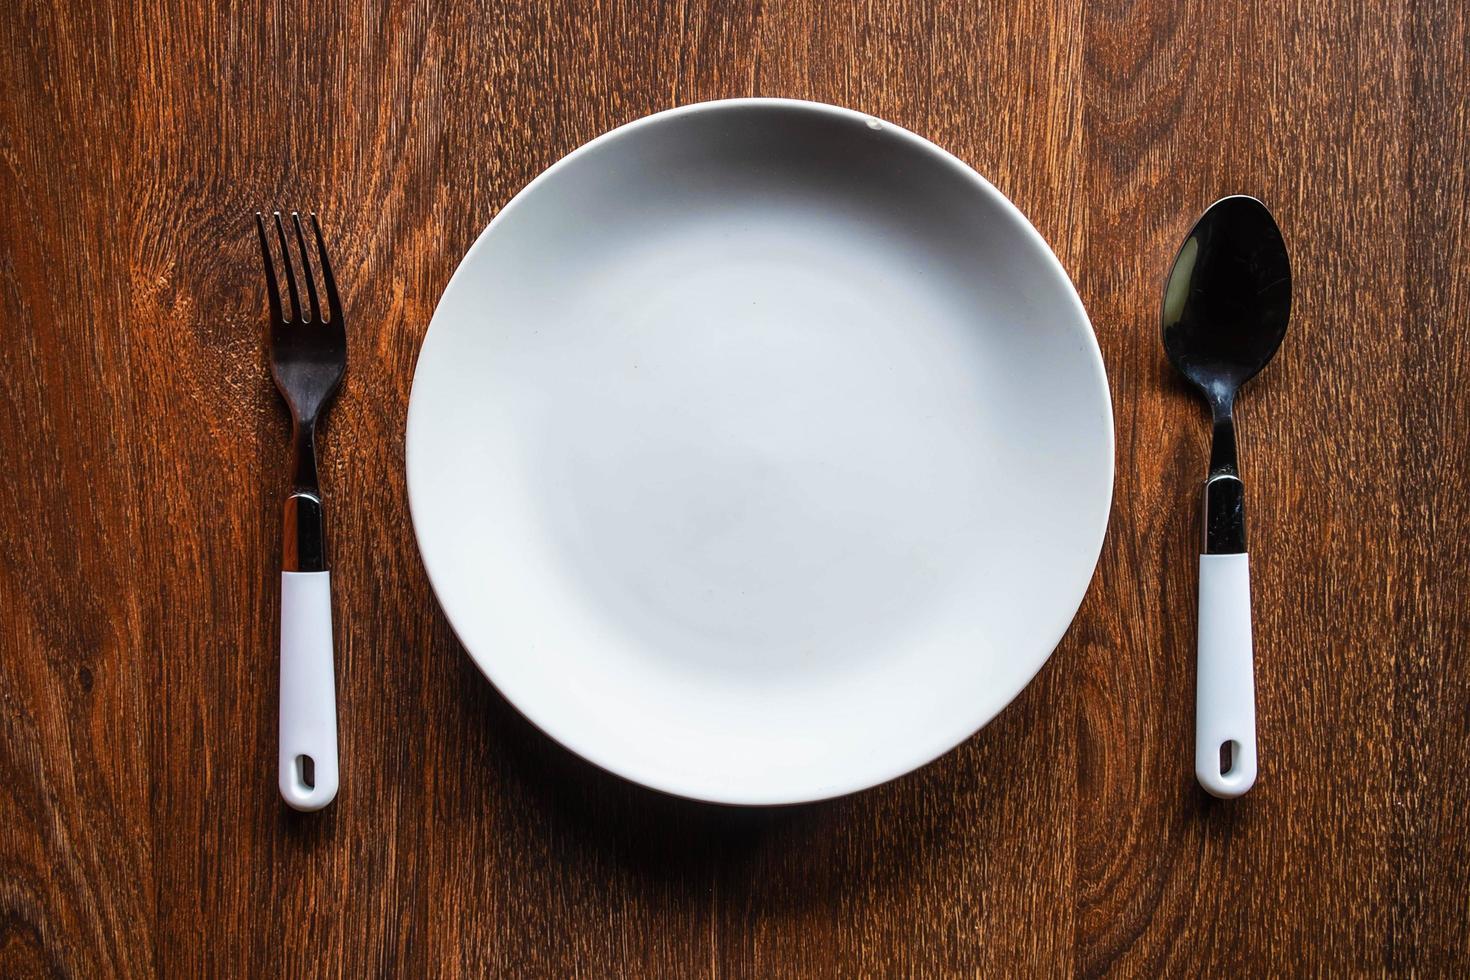 assiette blanche avec une cuillère et une fourchette sur une table en bois photo